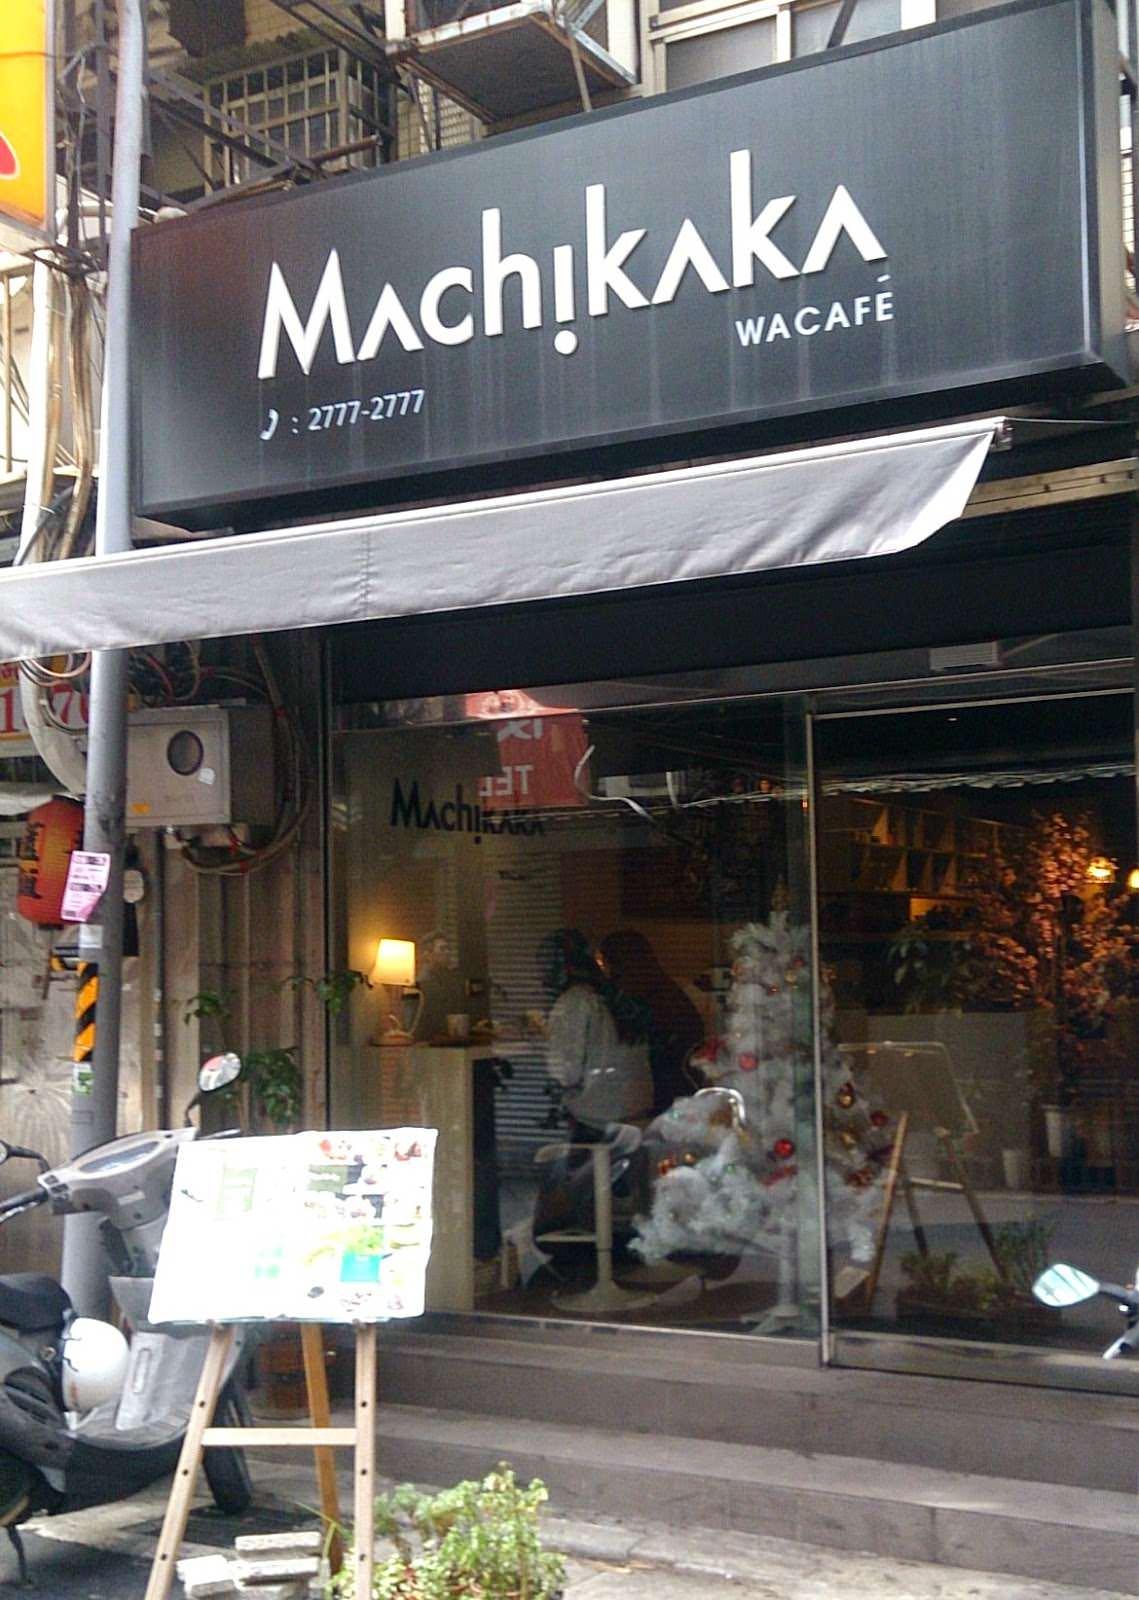 Machikaka WACAFÉ 抹茶控也瘋狂的甜點天堂